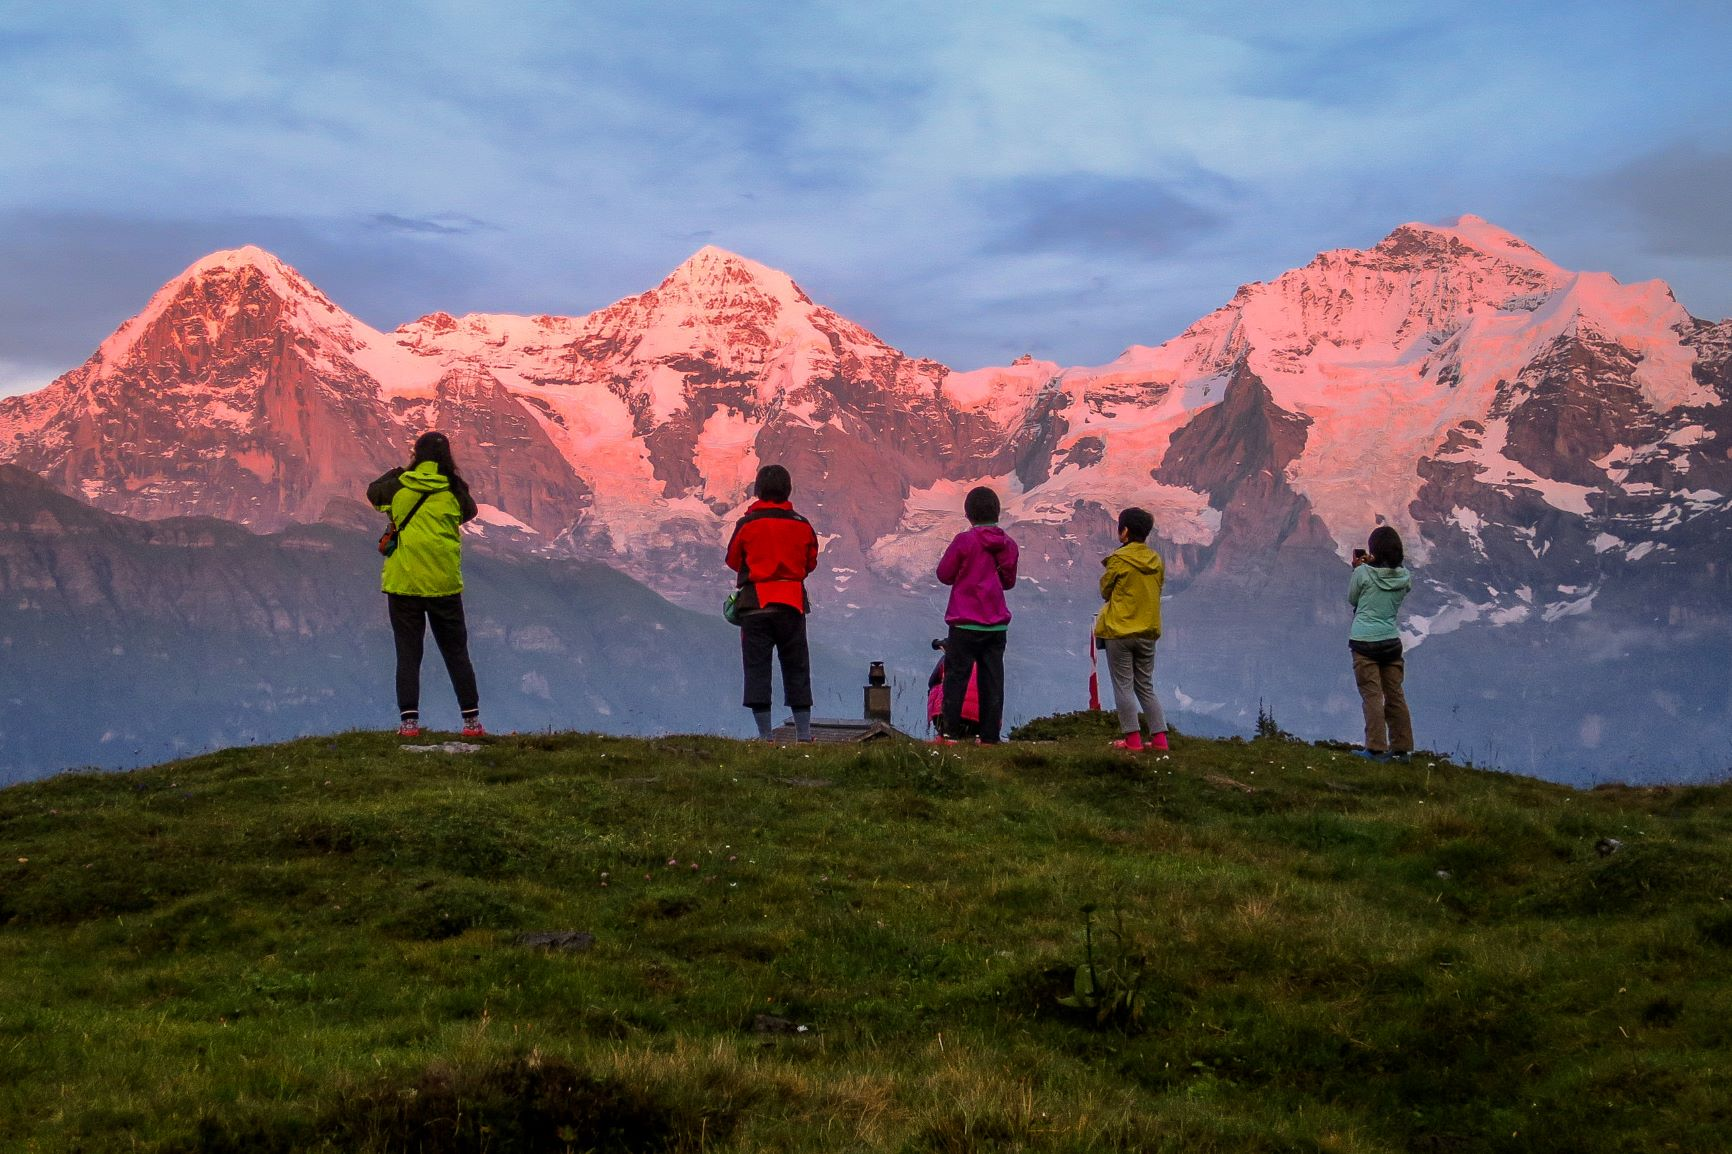 ロープホルン小屋から夕焼けに染まるアイガー、メンヒ、ユングフラウのベルナーオーバーラント三山を望む